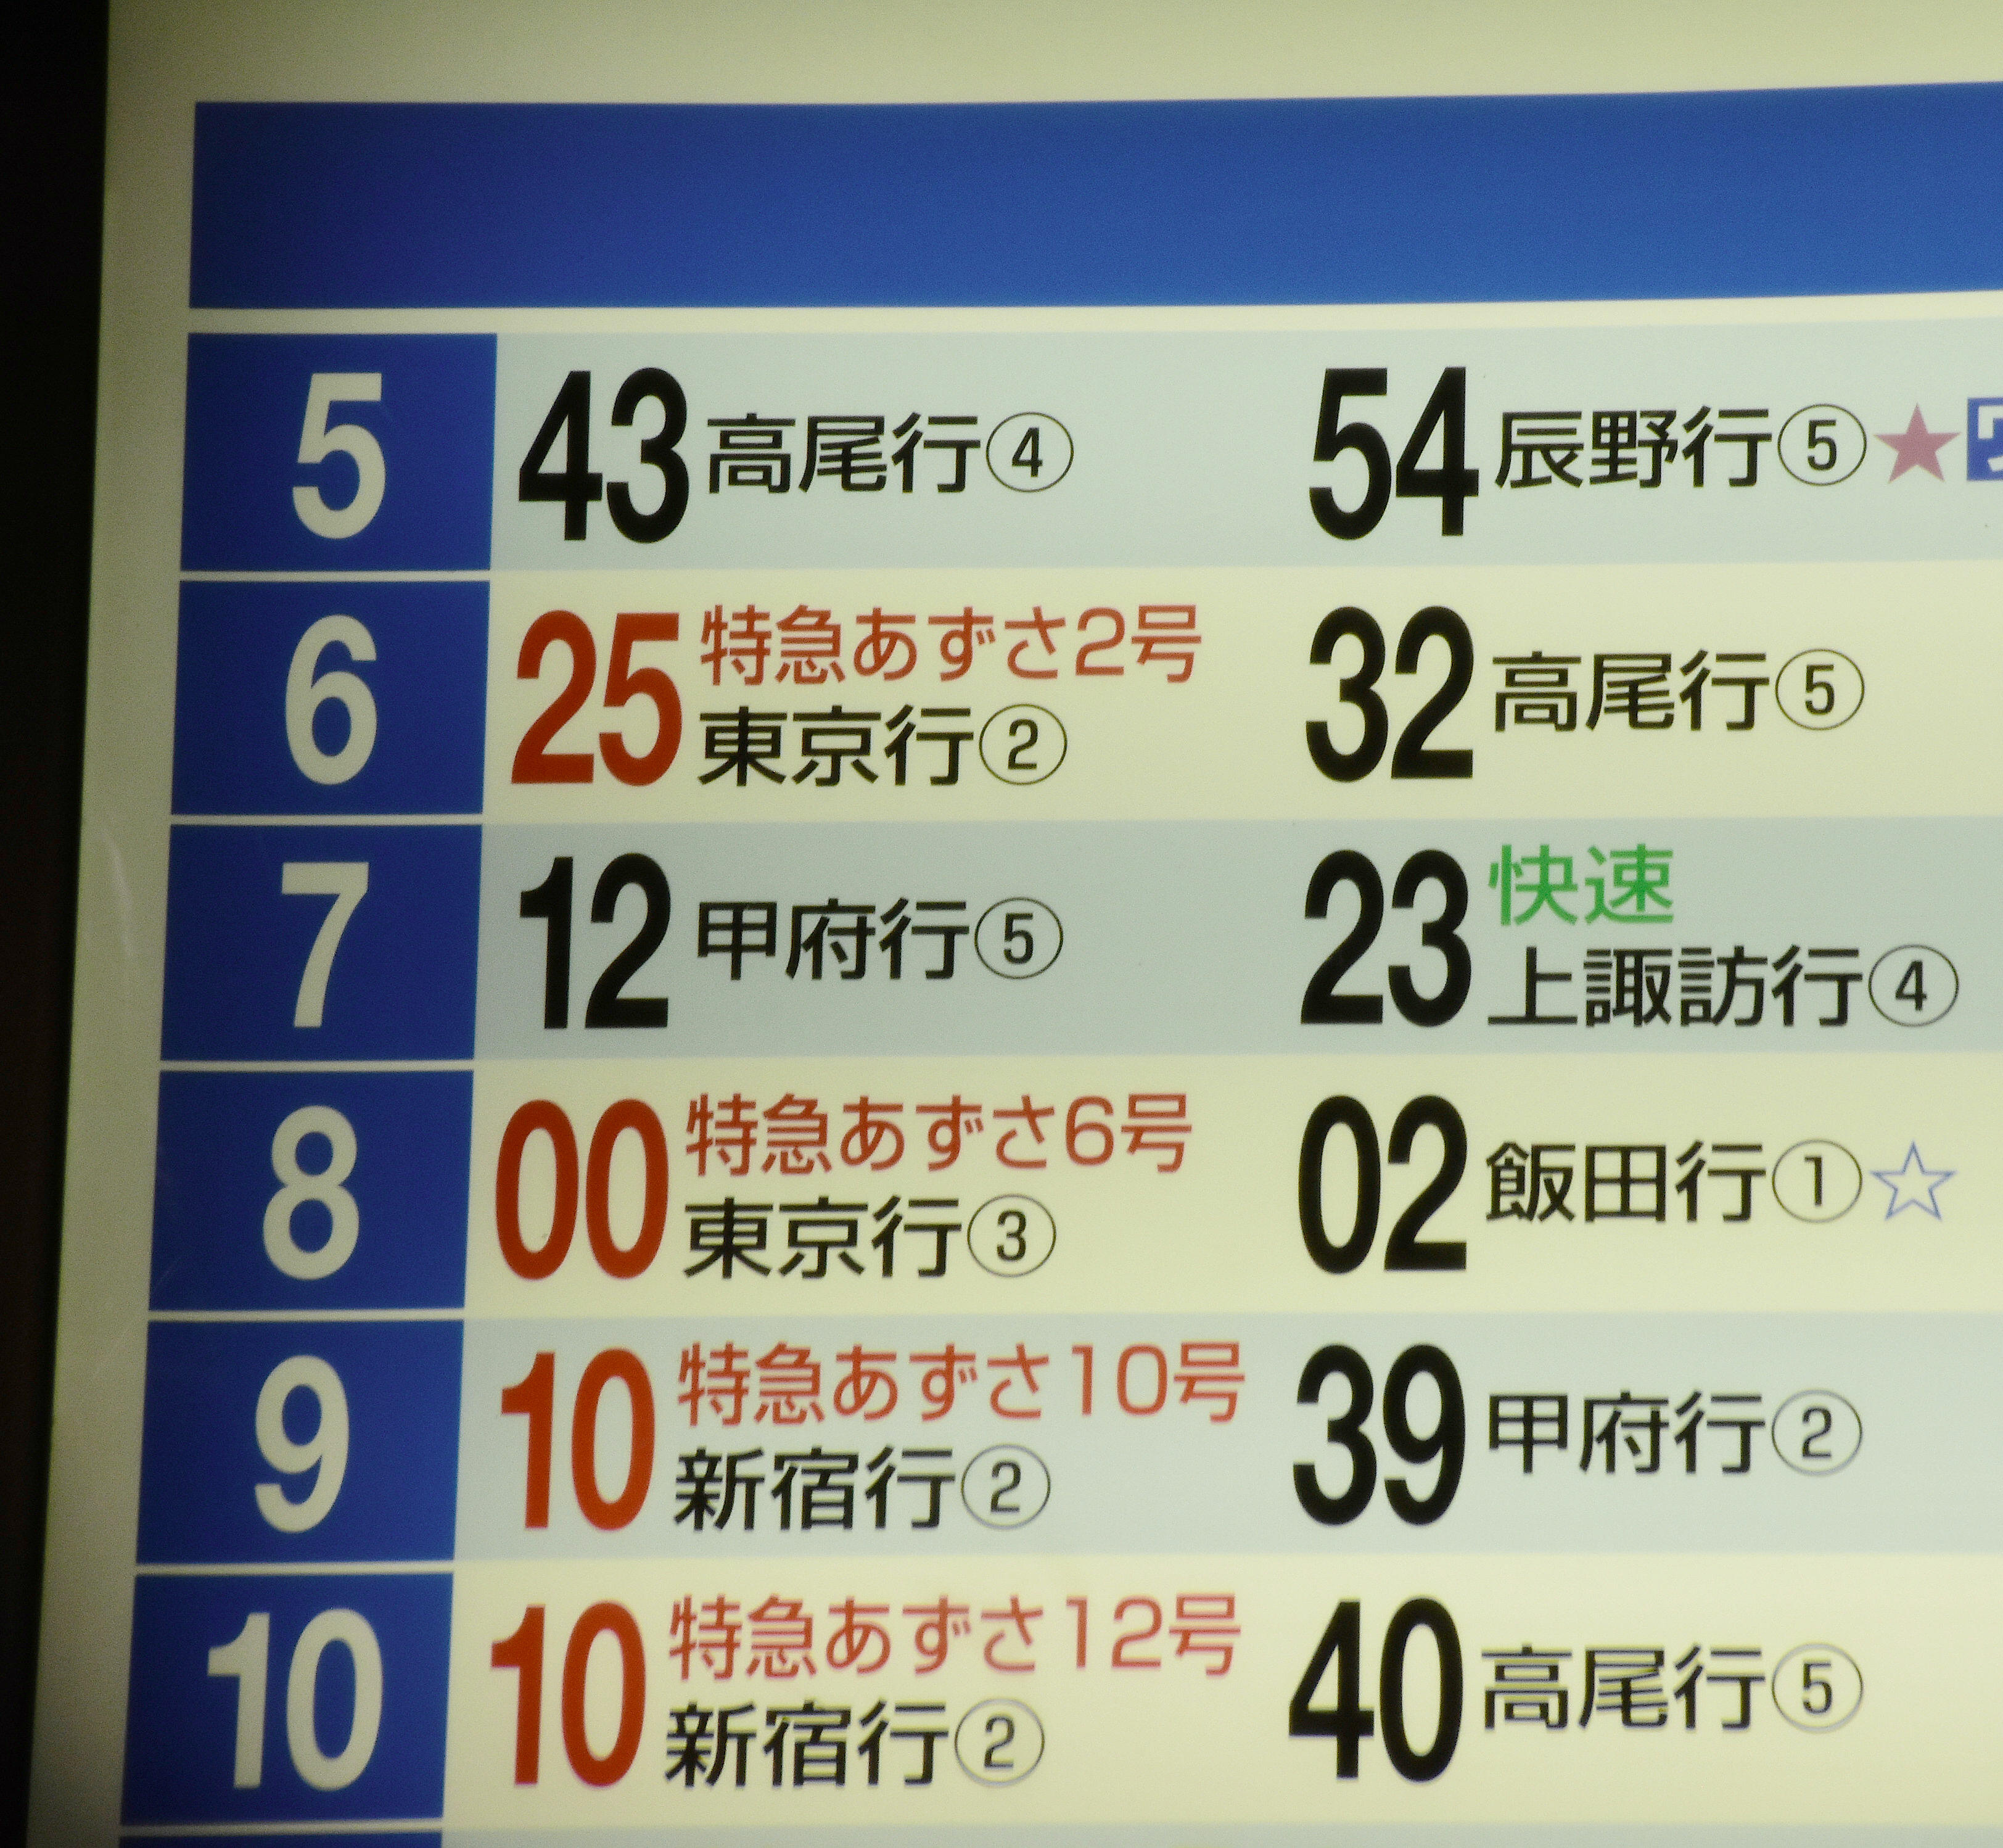 「あずさ2号」の表示があるJR松本駅の時刻表=14日、松本市